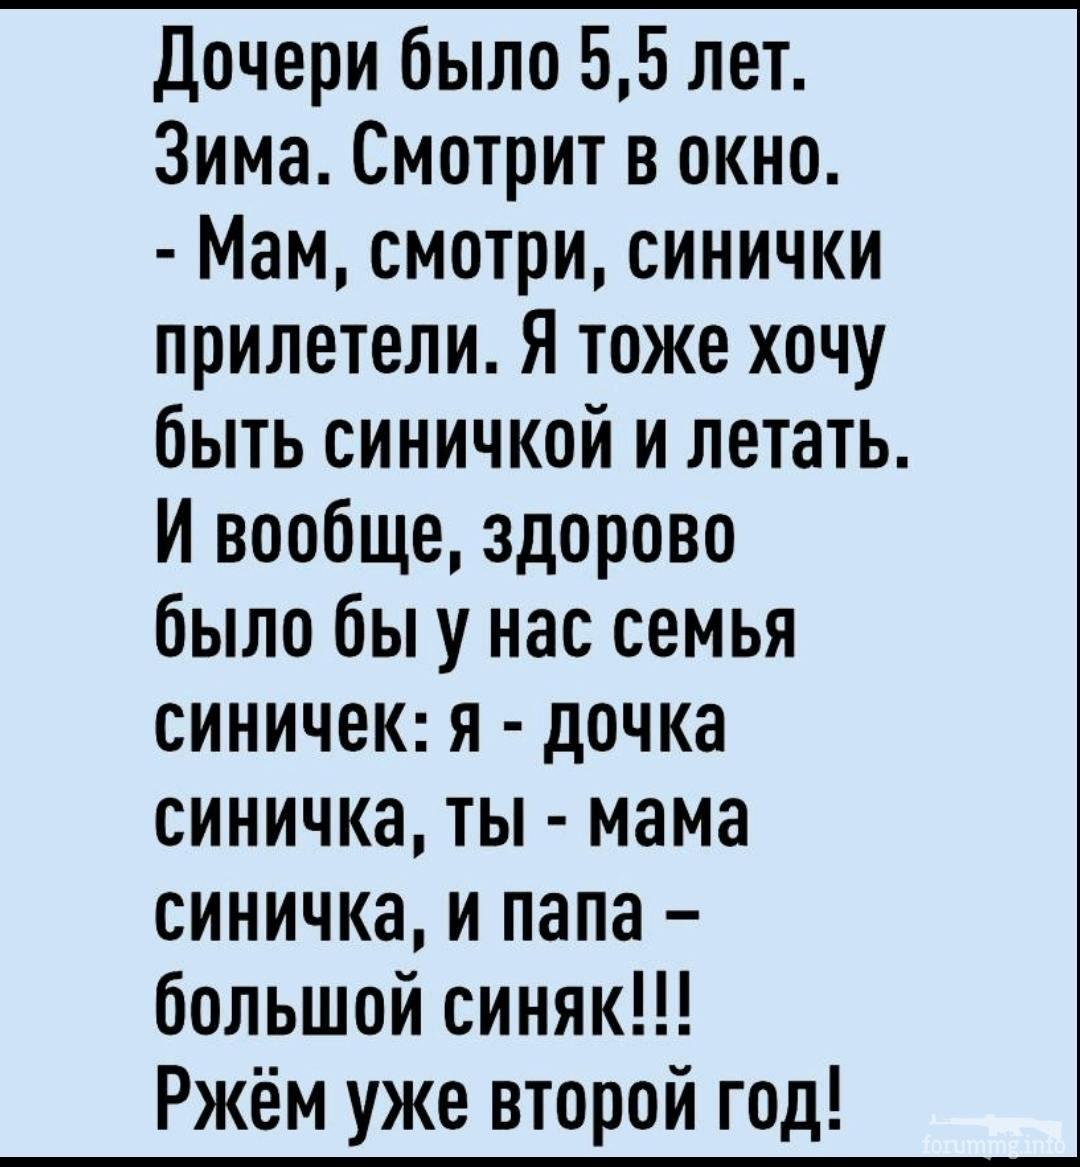 138435 - Анекдоты и другие короткие смешные тексты